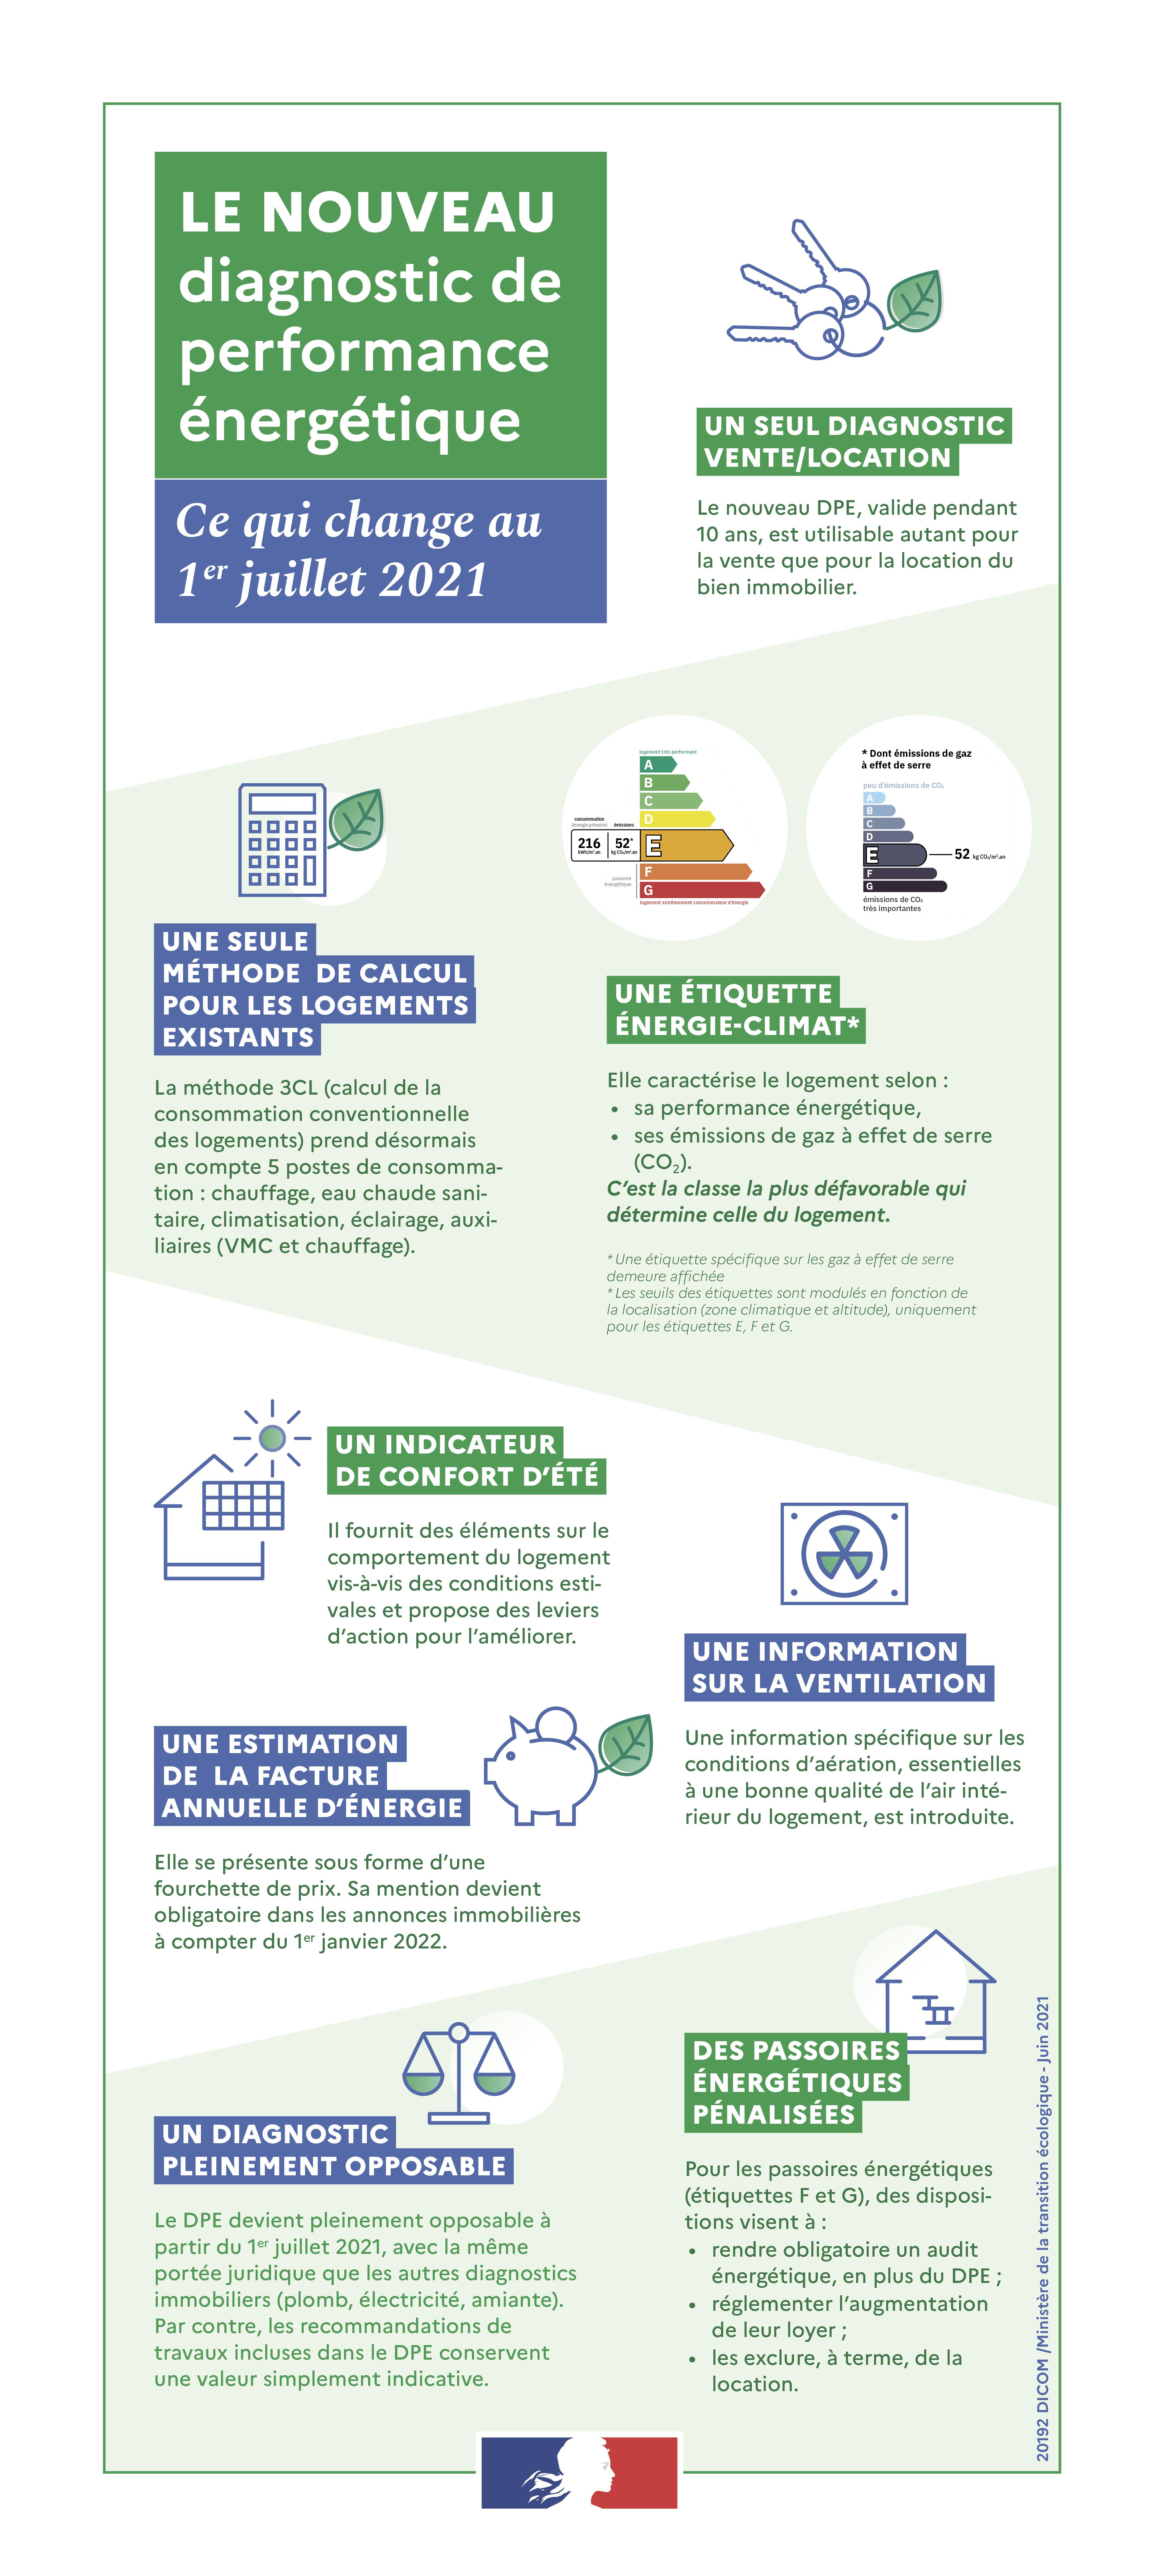 Le nouveau diagnostic de performance énergétique